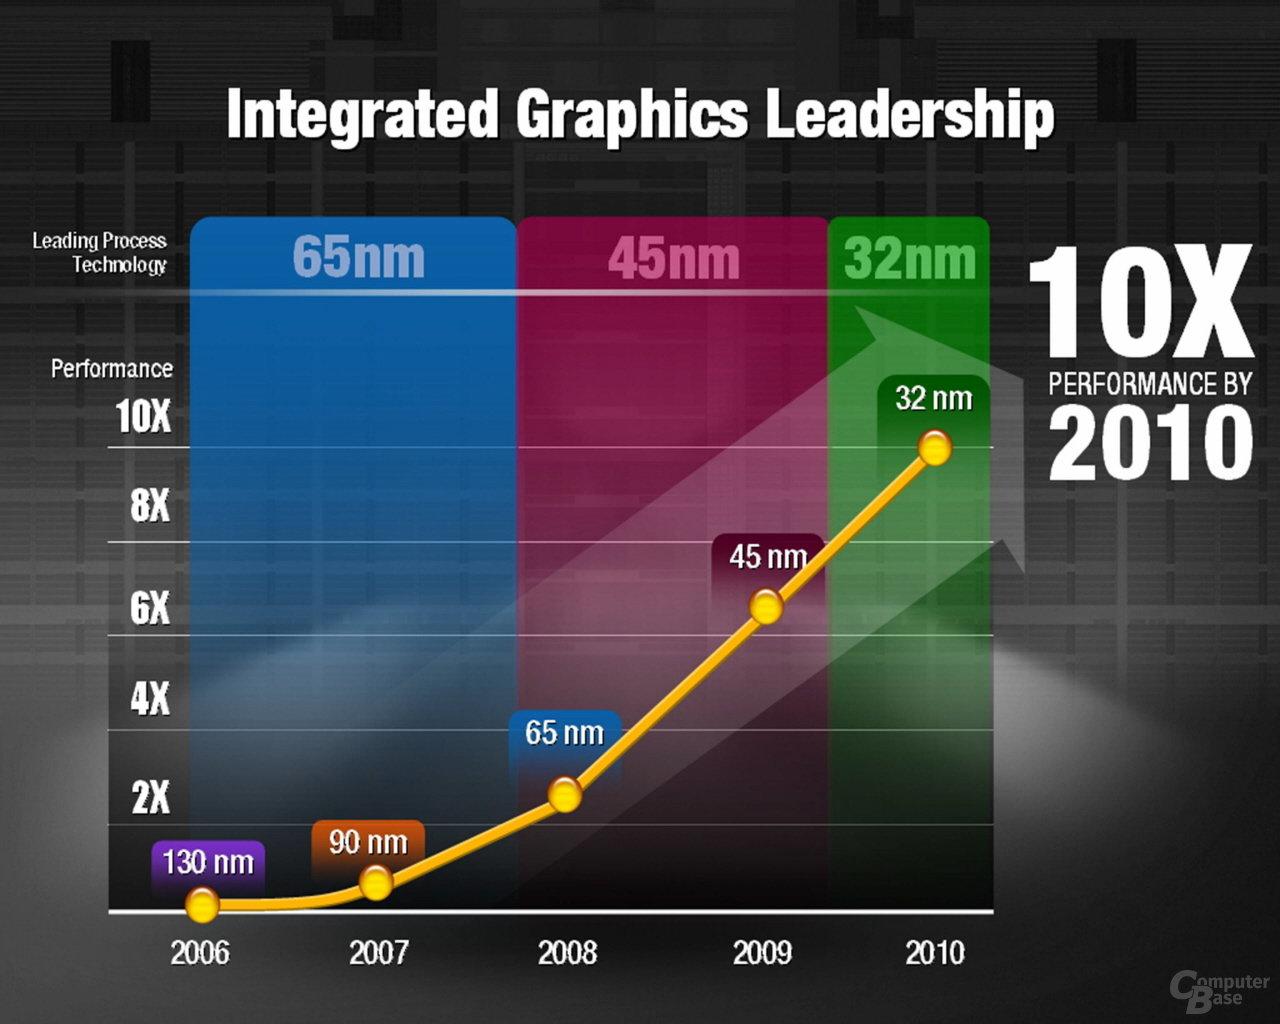 Geplanter Leistungszuwachs der integrierten Grafik